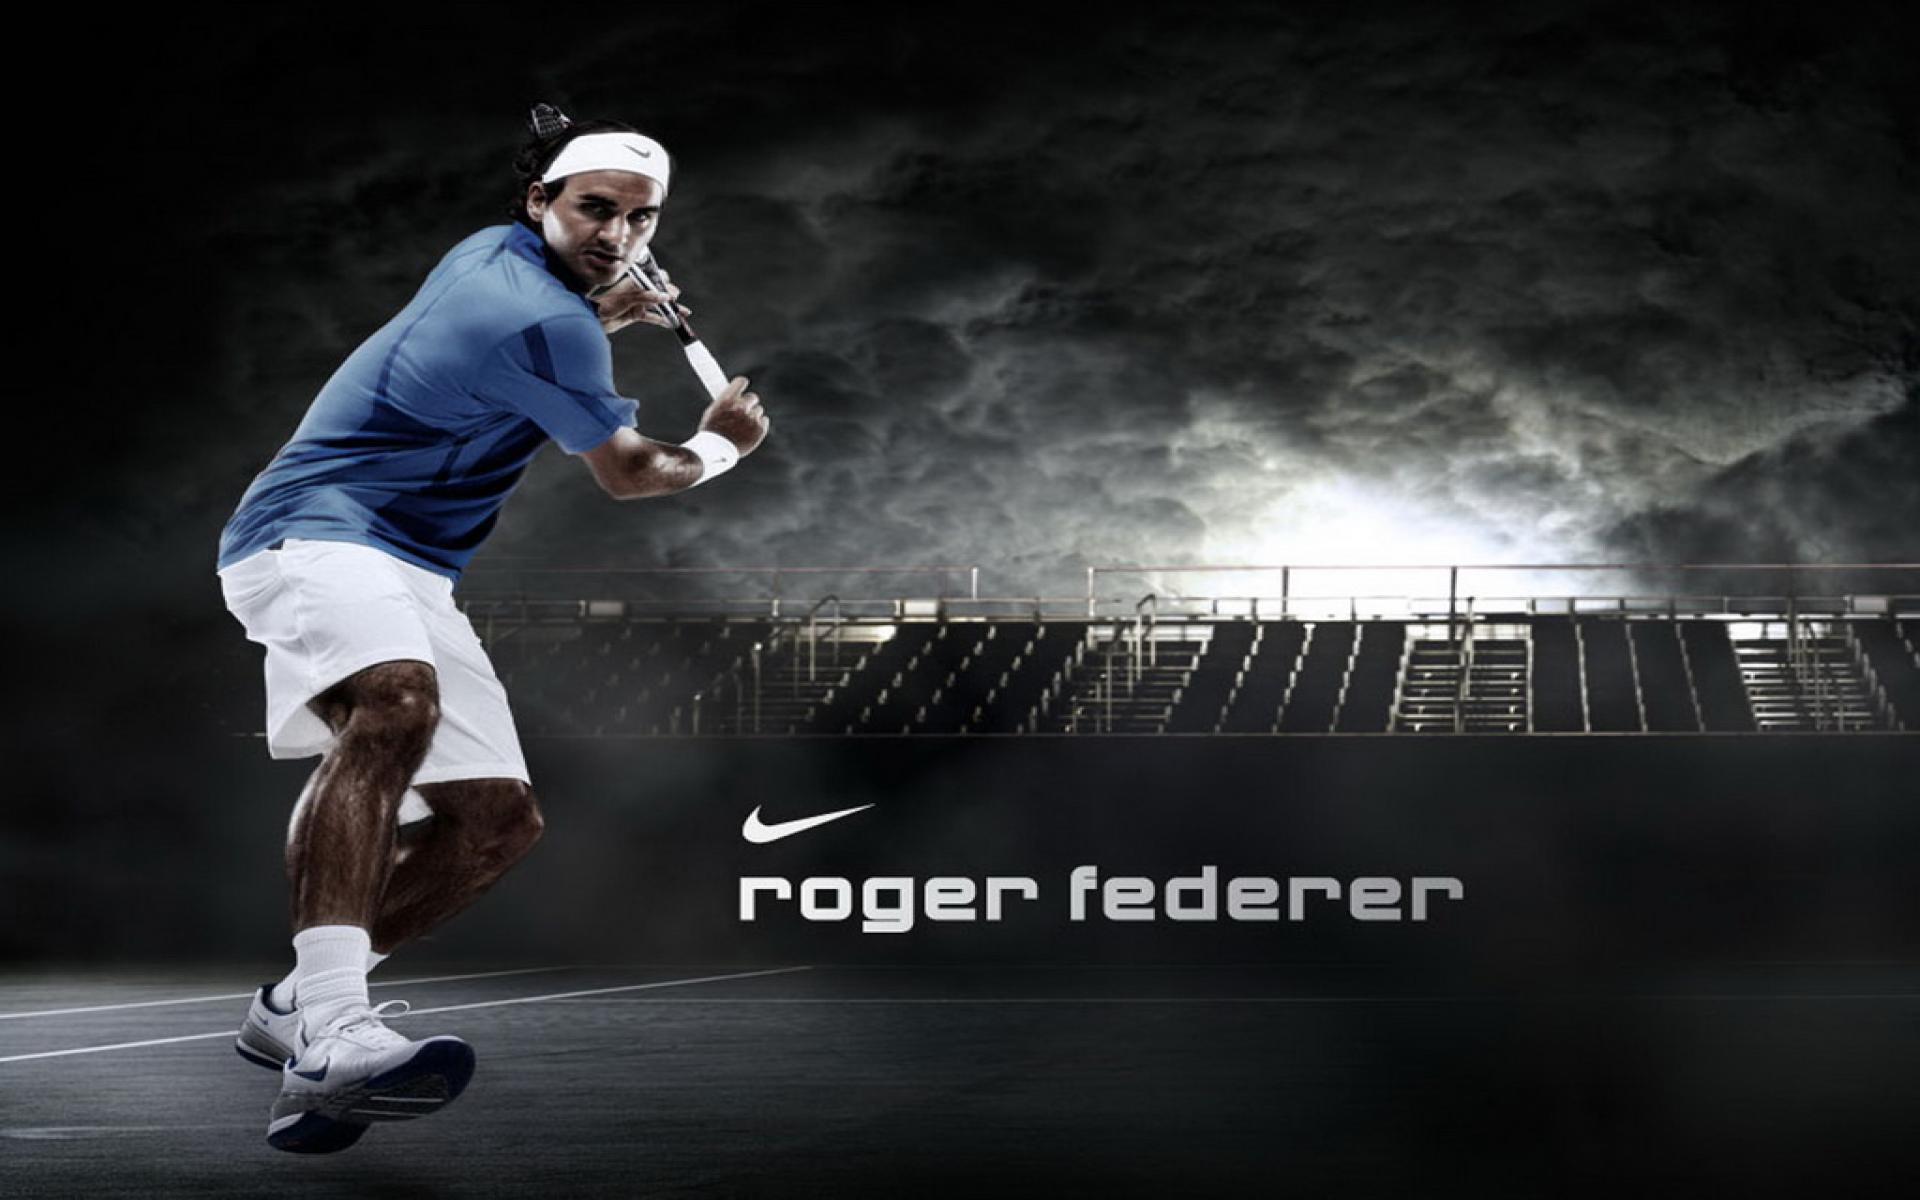 52 Roger Federer Wallpapers On Wallpapersafari